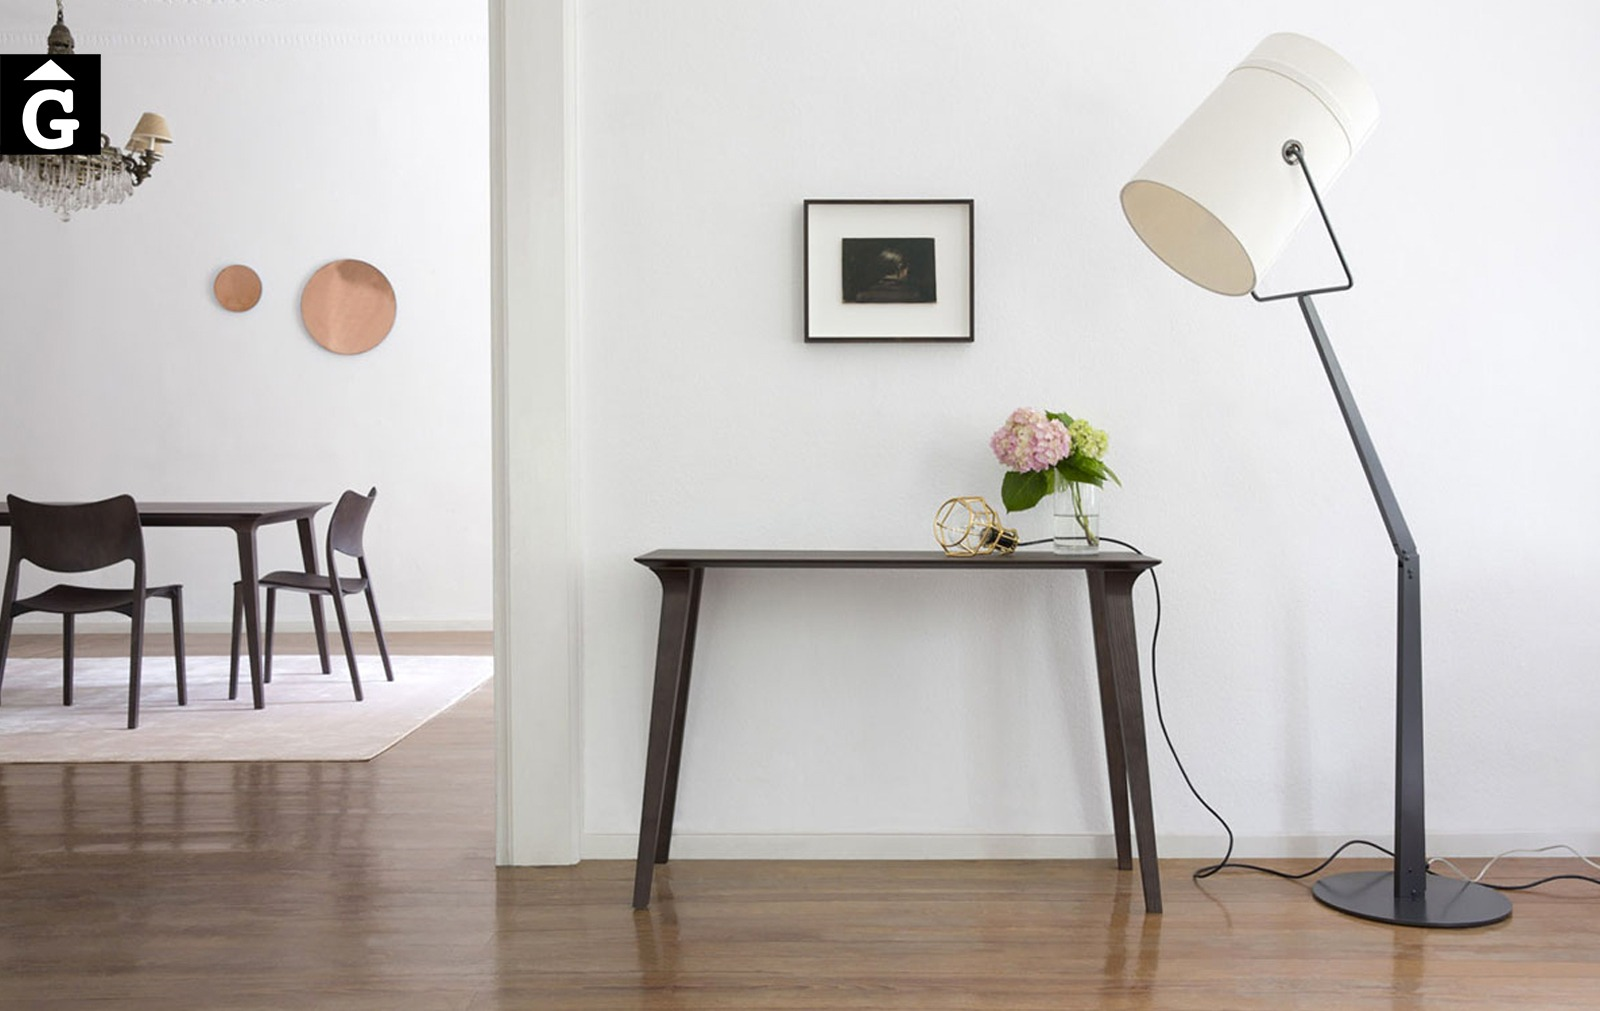 Moble rebedor Lau | Stua | mobles de qualitat i disseny | mobles Gifreu